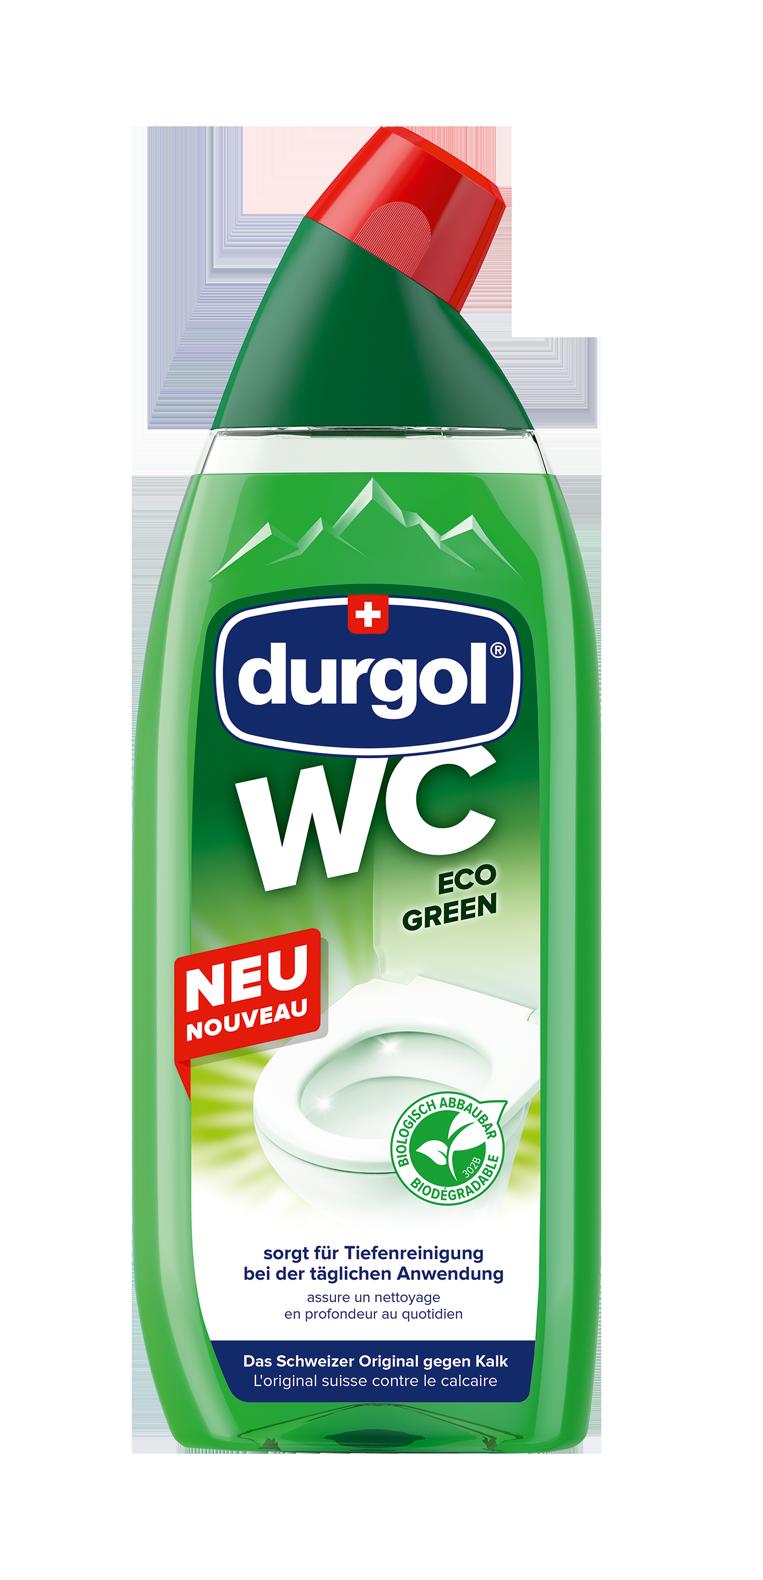 durgol WC eco green fles